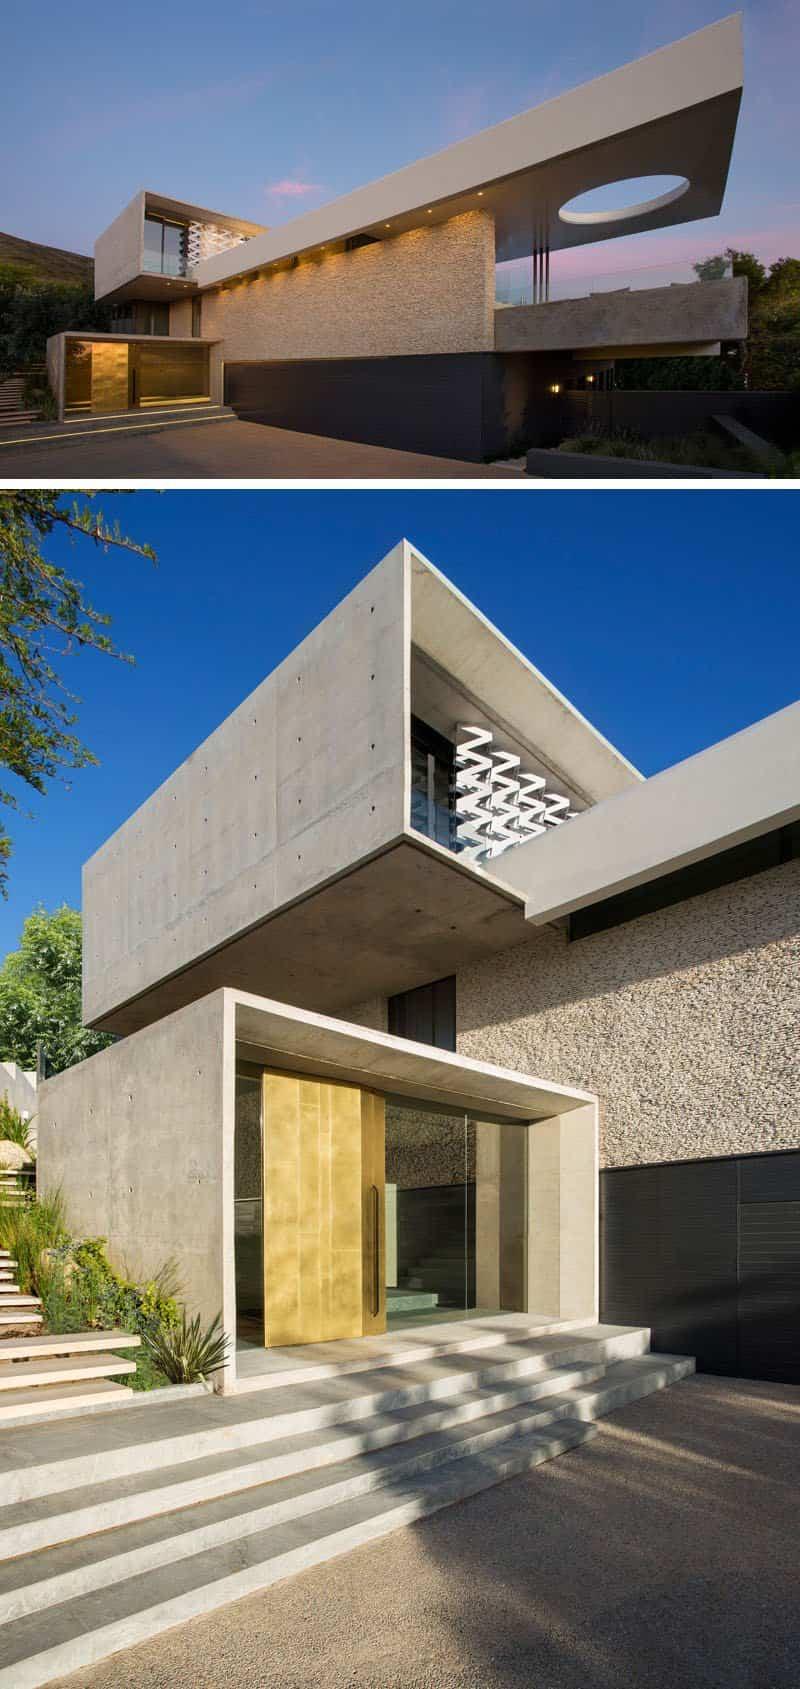 Las vistas de la ciudad que ofrece esta moderna casa de for Casa moderna hormigon